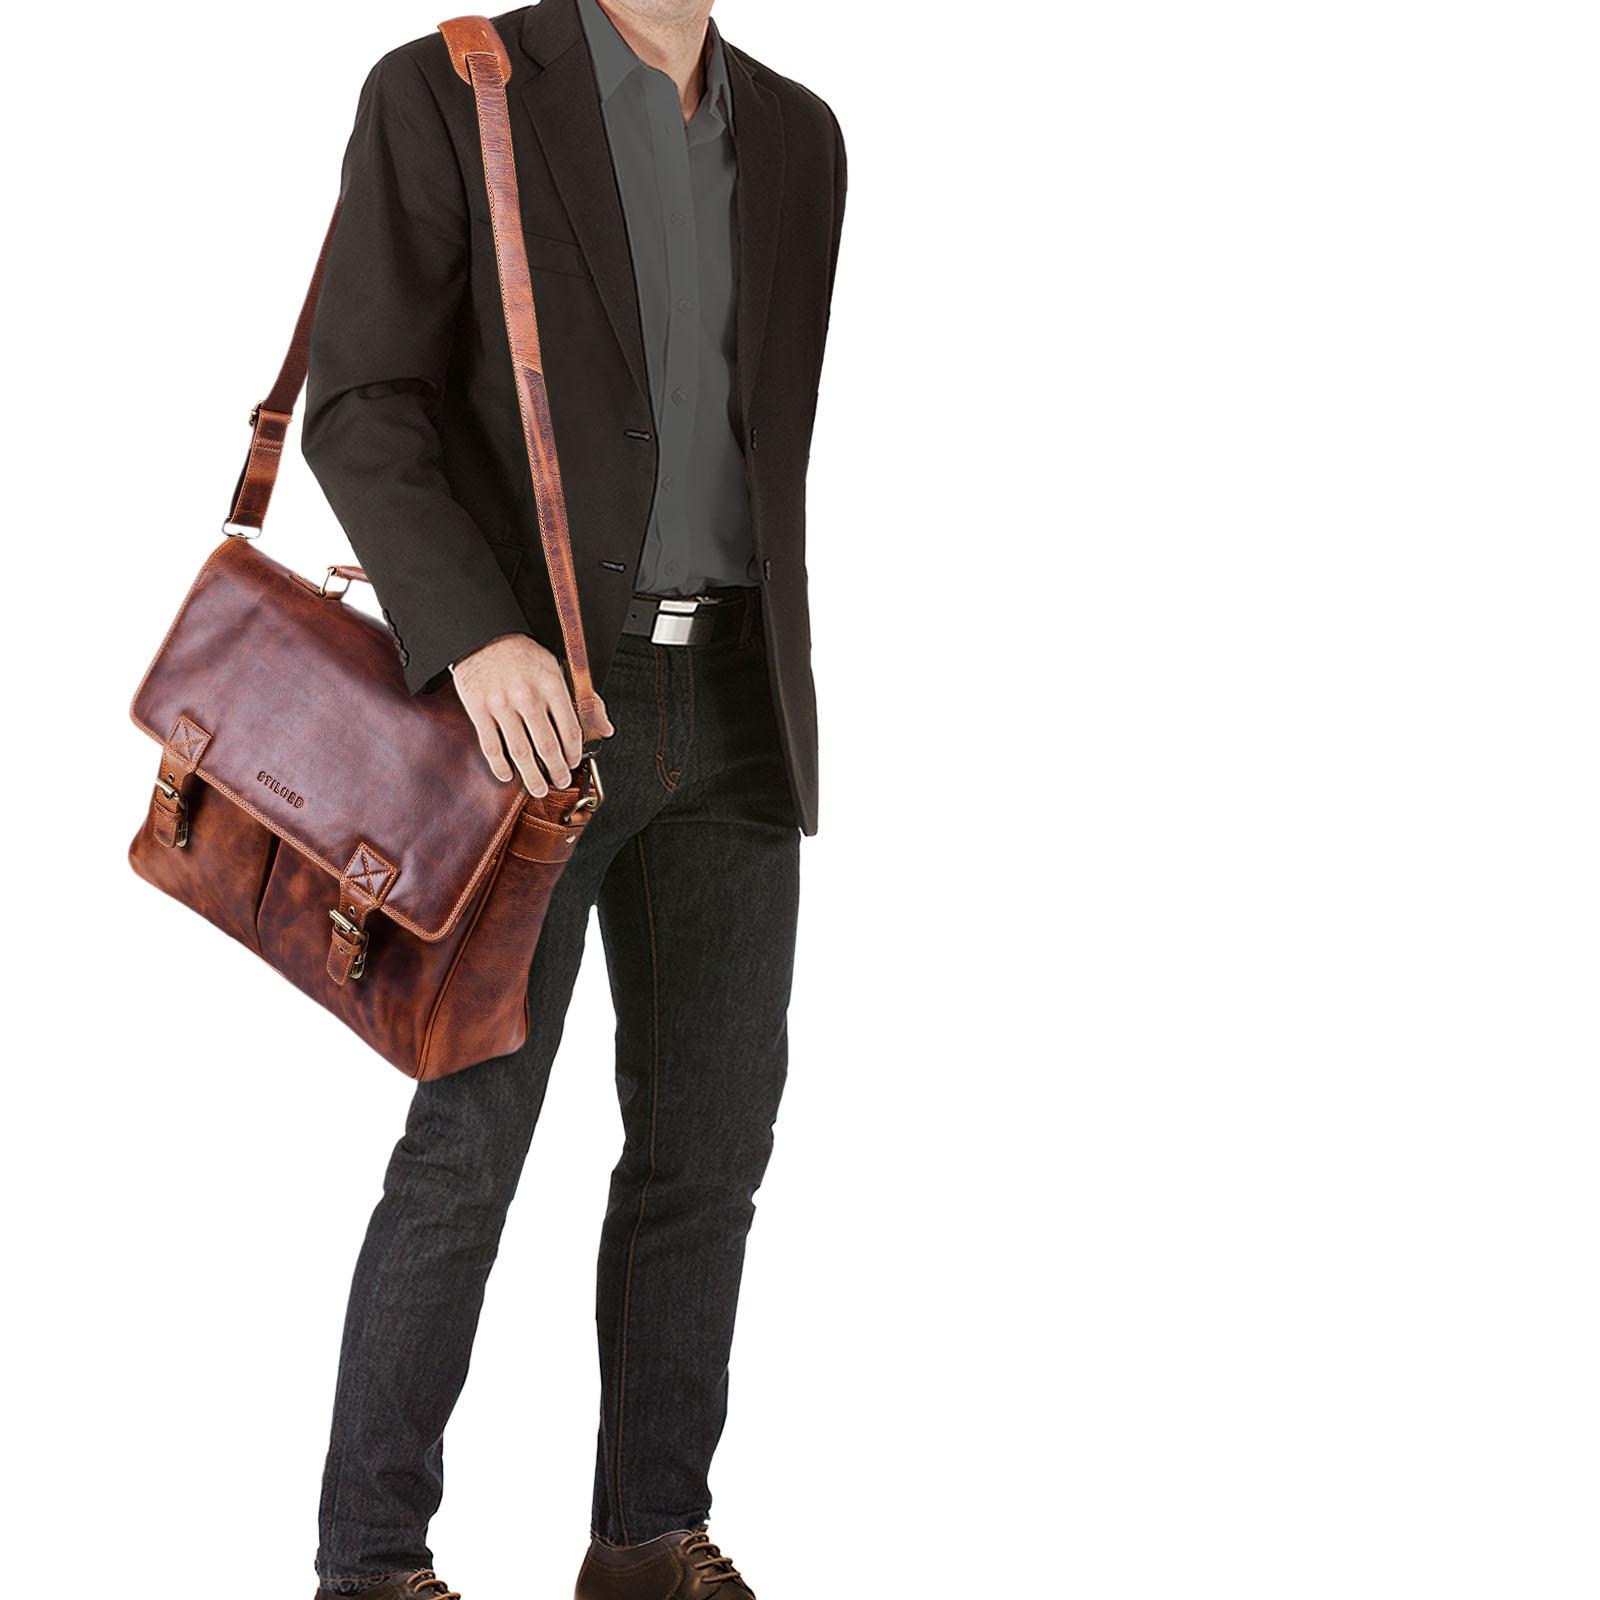 """STILORD """"Georg"""" Aktentasche Leder Vintage Dokumententasche Lehrertasche Business Büro für große Aktenordner 15,6 Zoll Laptopfach echtes Rindsleder - Bild 14"""